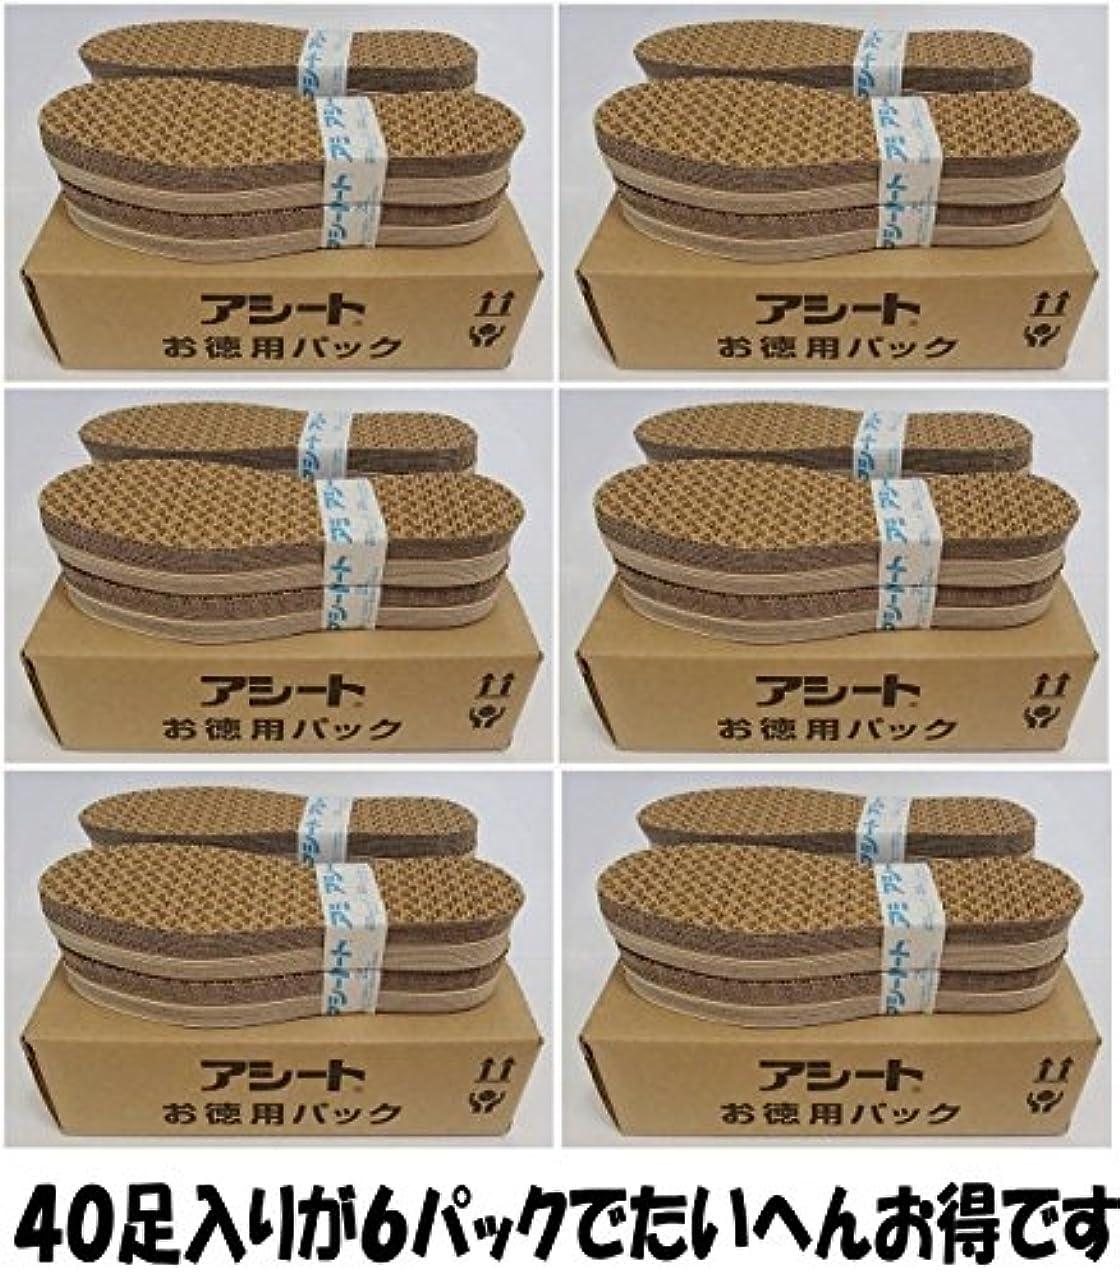 牽引不良品ではごきげんようアシートOタイプ40足入お徳用6パックの240足セット (25.5~26cm 男性靴用)